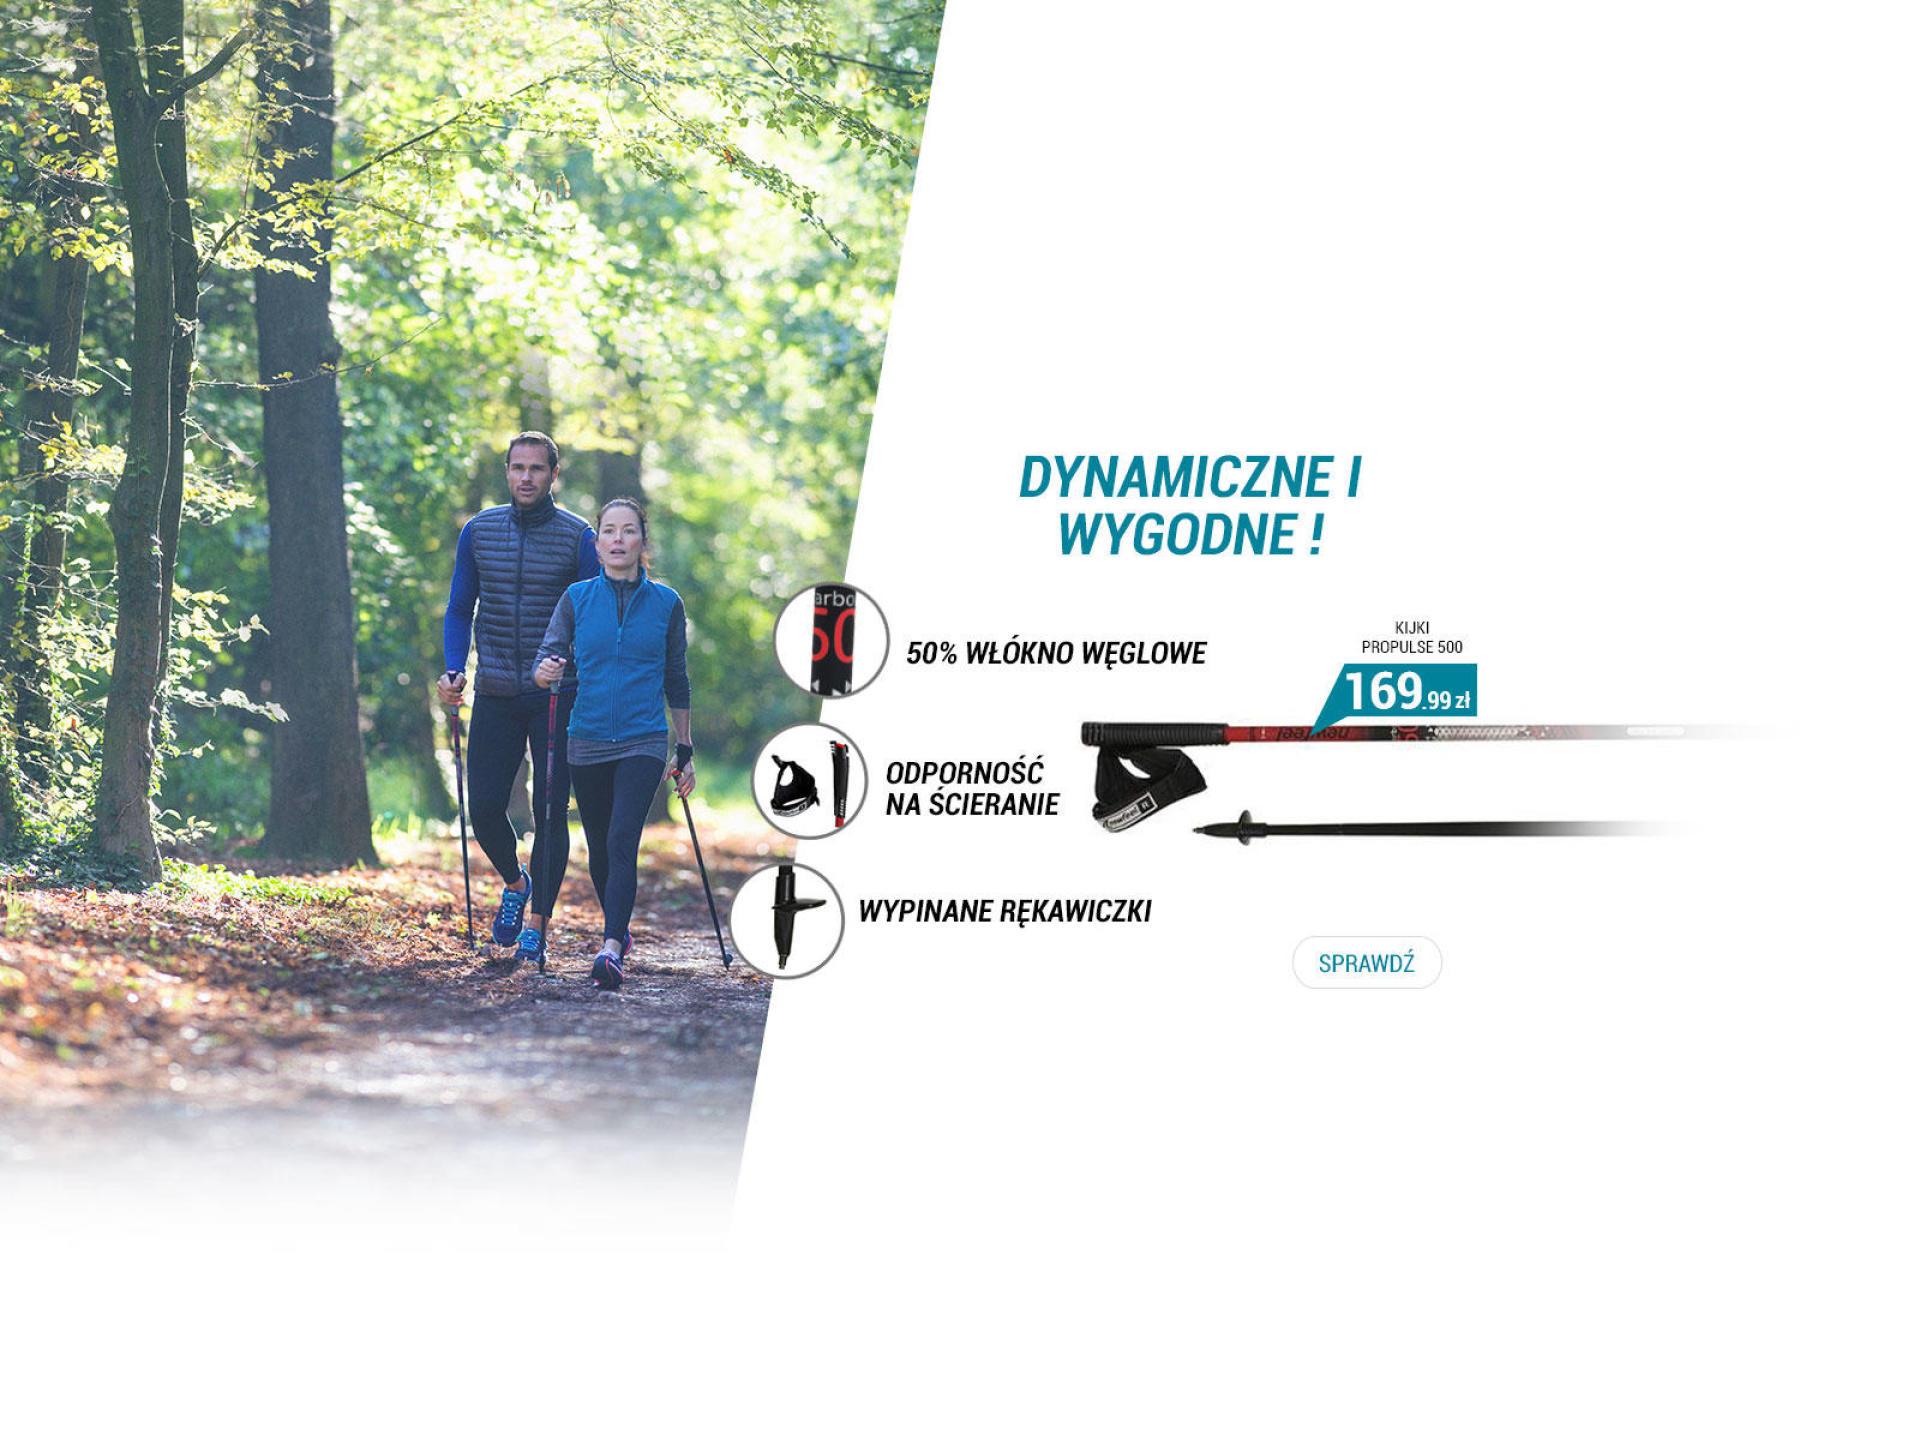 Kijki nordic walking Propulse Walk 500 - Dynamiczne i wygodne